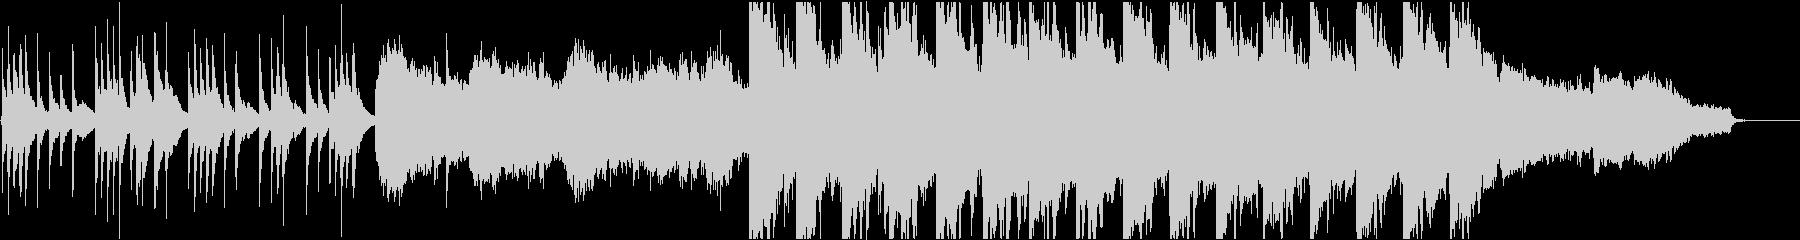 企業VP30 24bit44kHzVerの未再生の波形